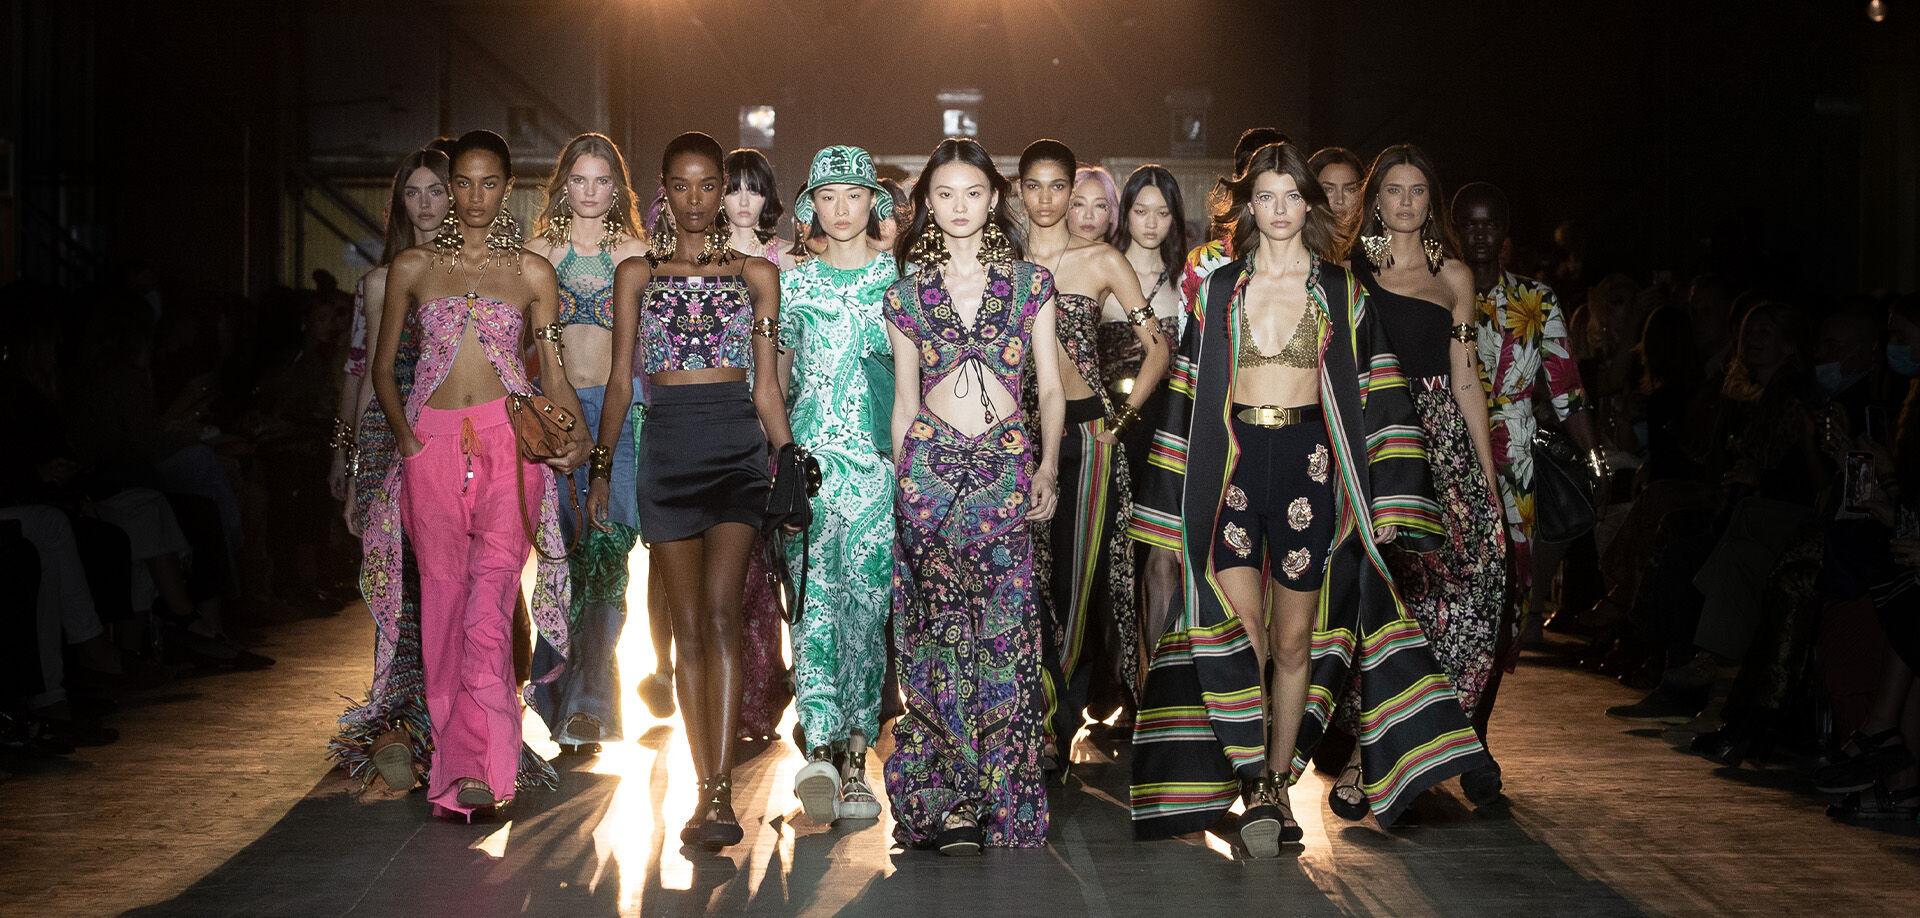 ETRO_WOMEN'S SPRING-SUMMER 2022 FASHION SHOW